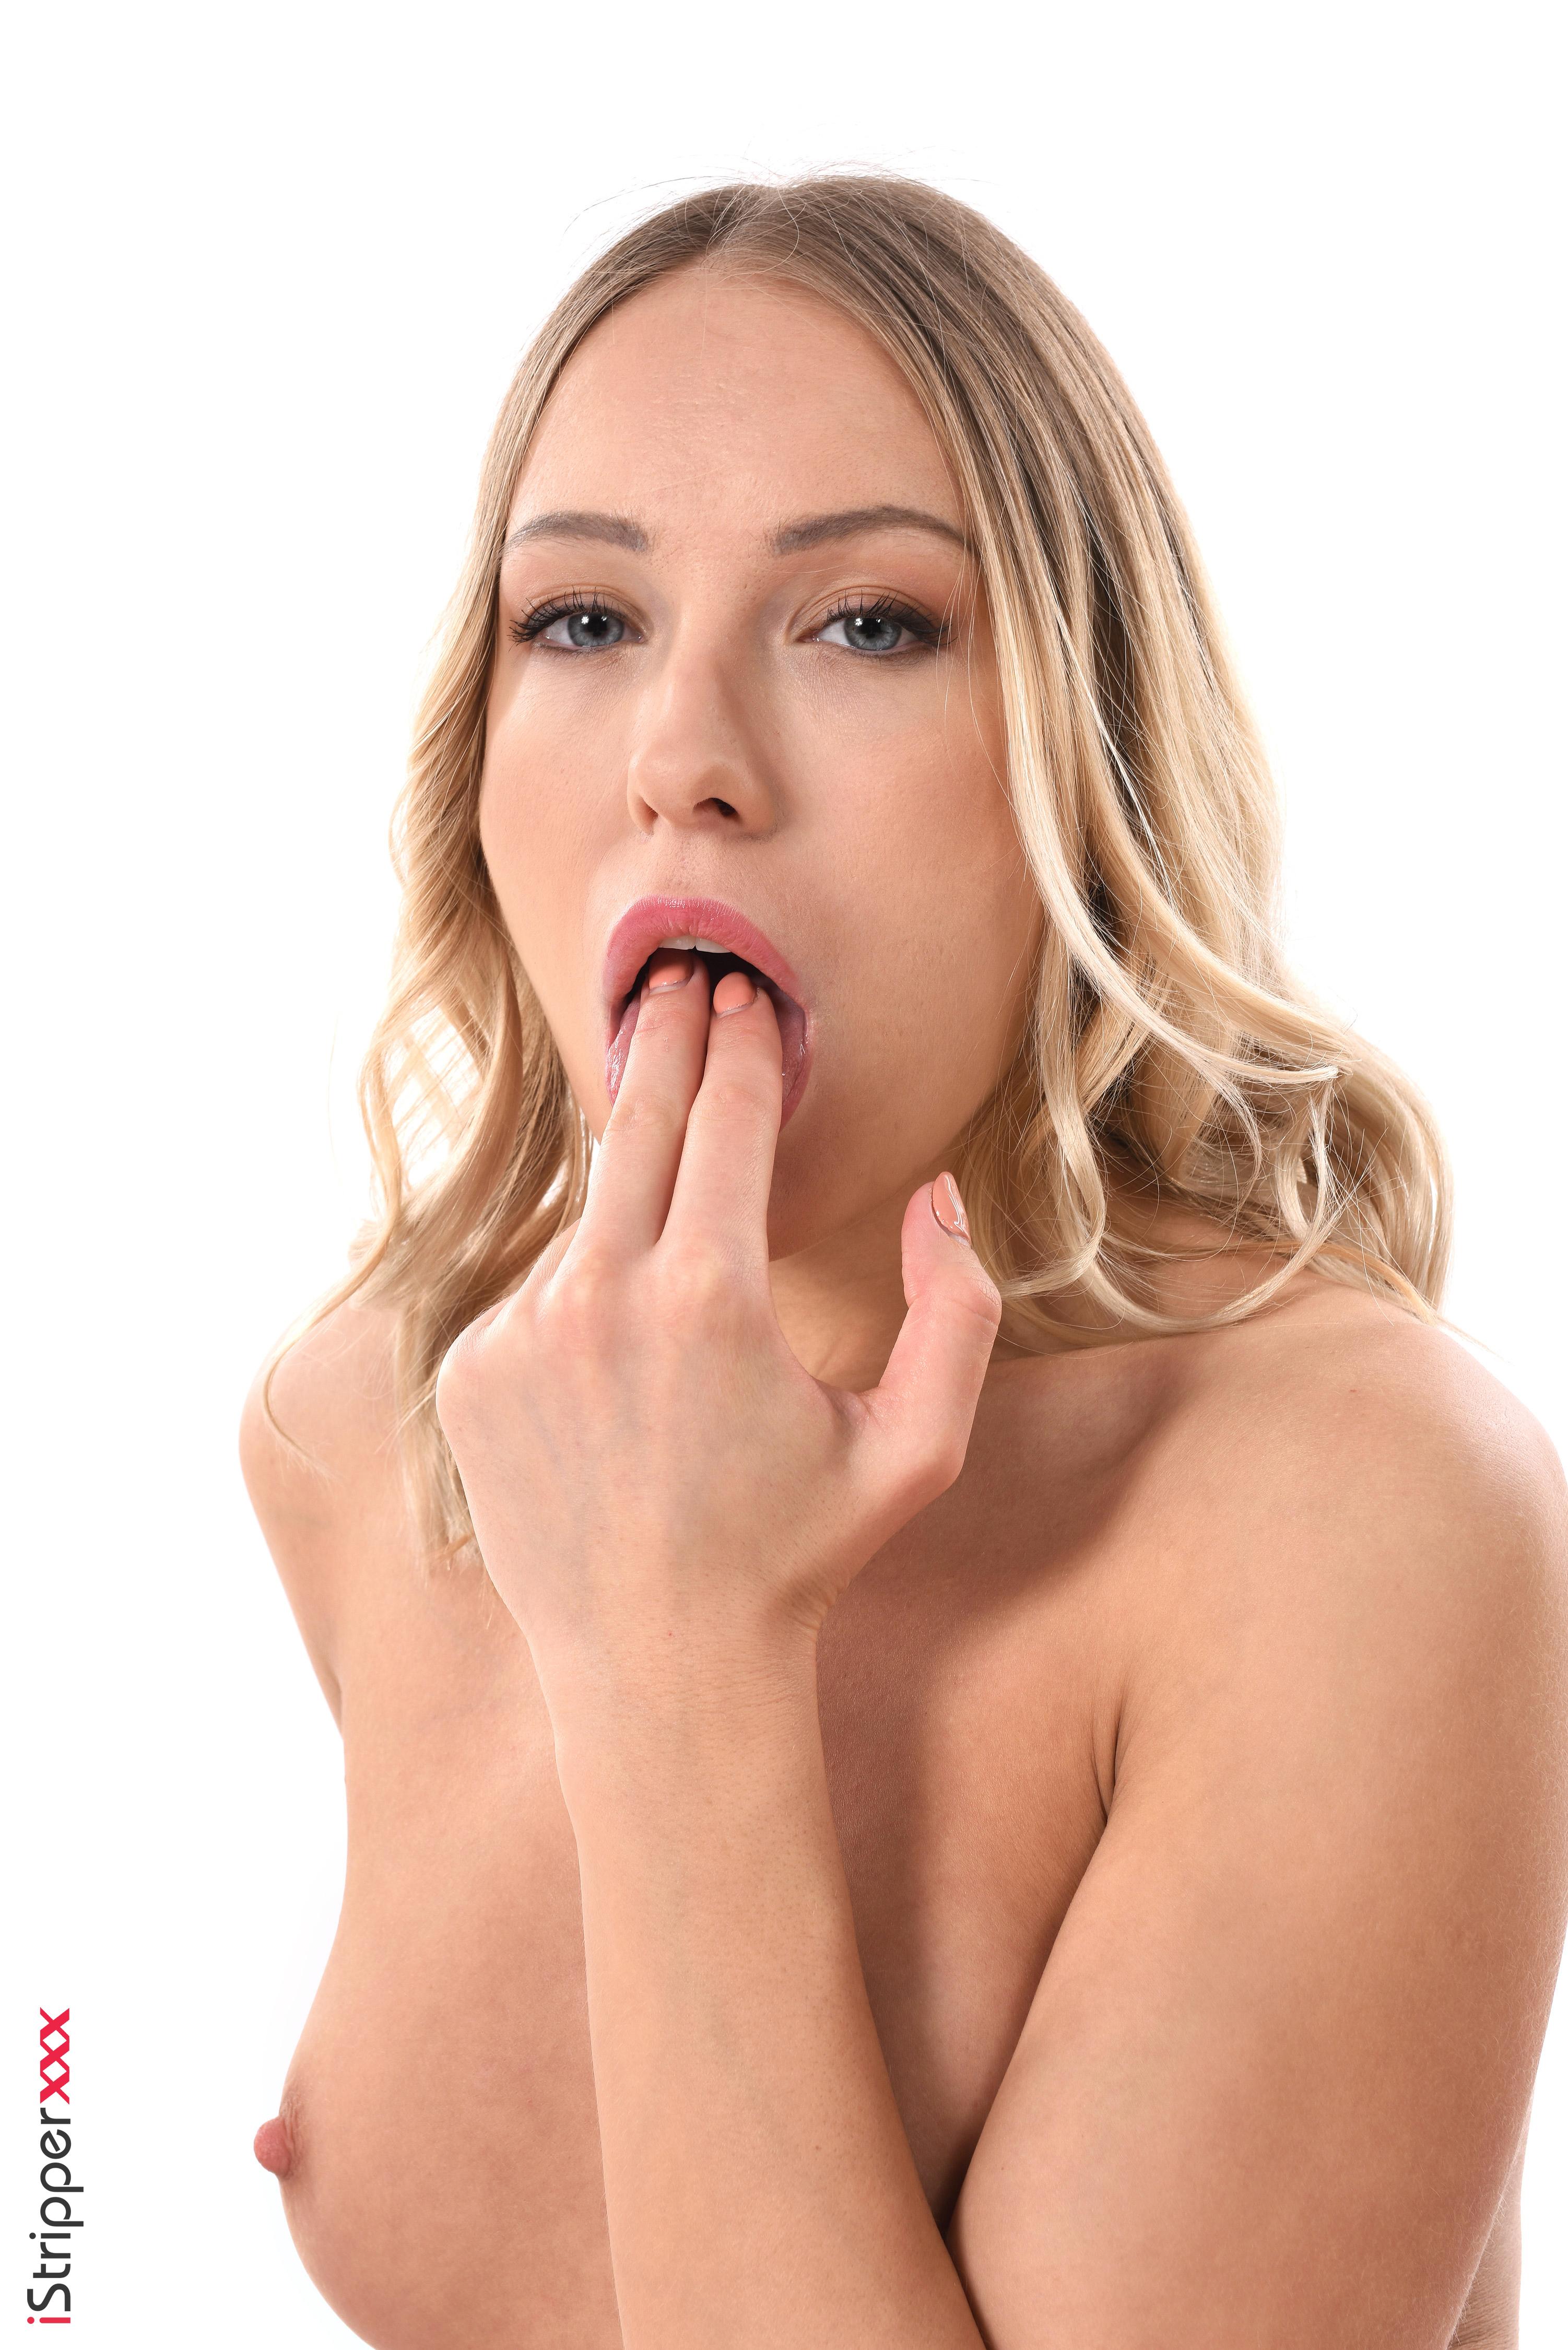 nude wallpapers com